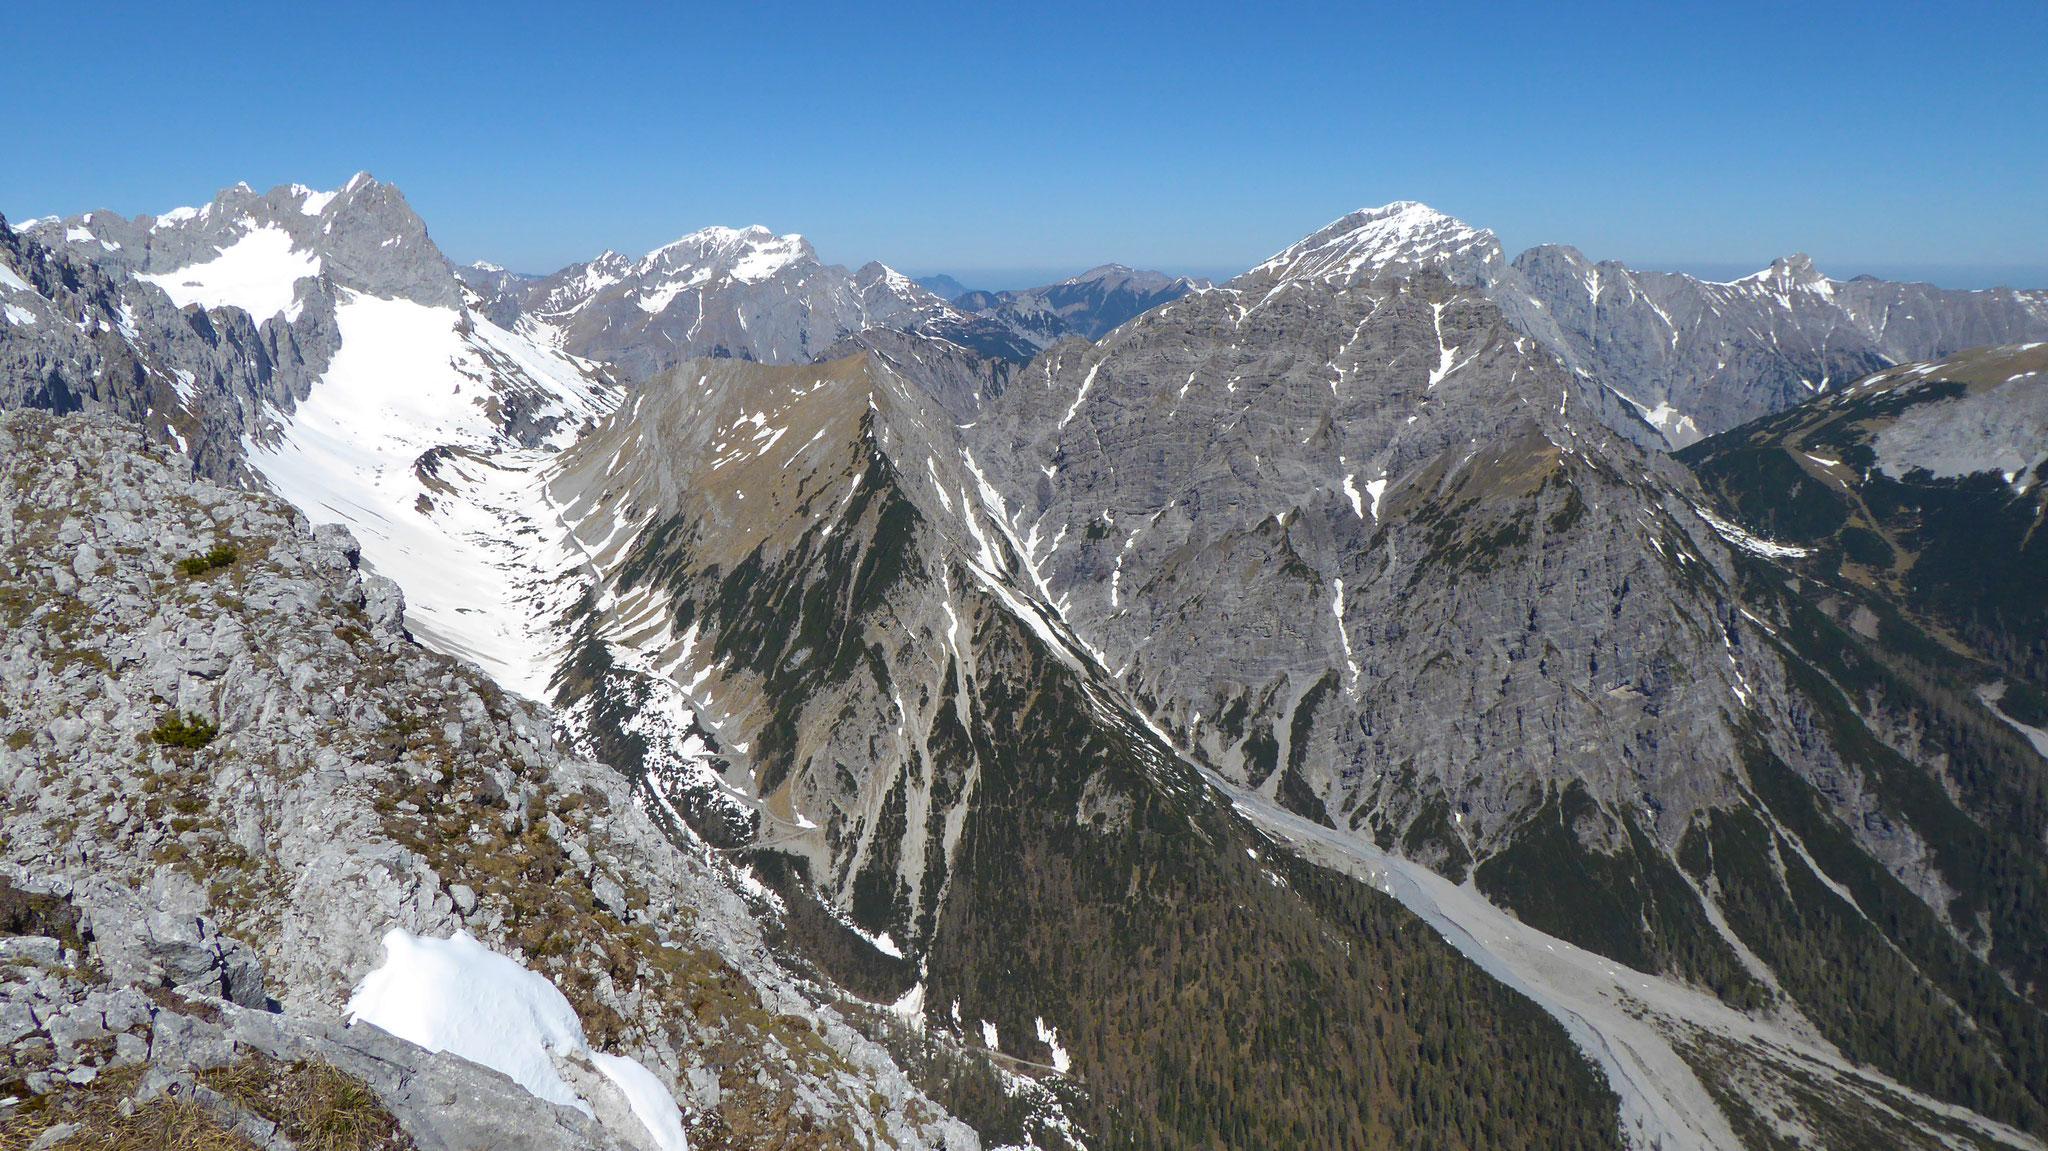 Ab ca. 1.800m nordseitig noch skitourentaugliche Verhältnisse